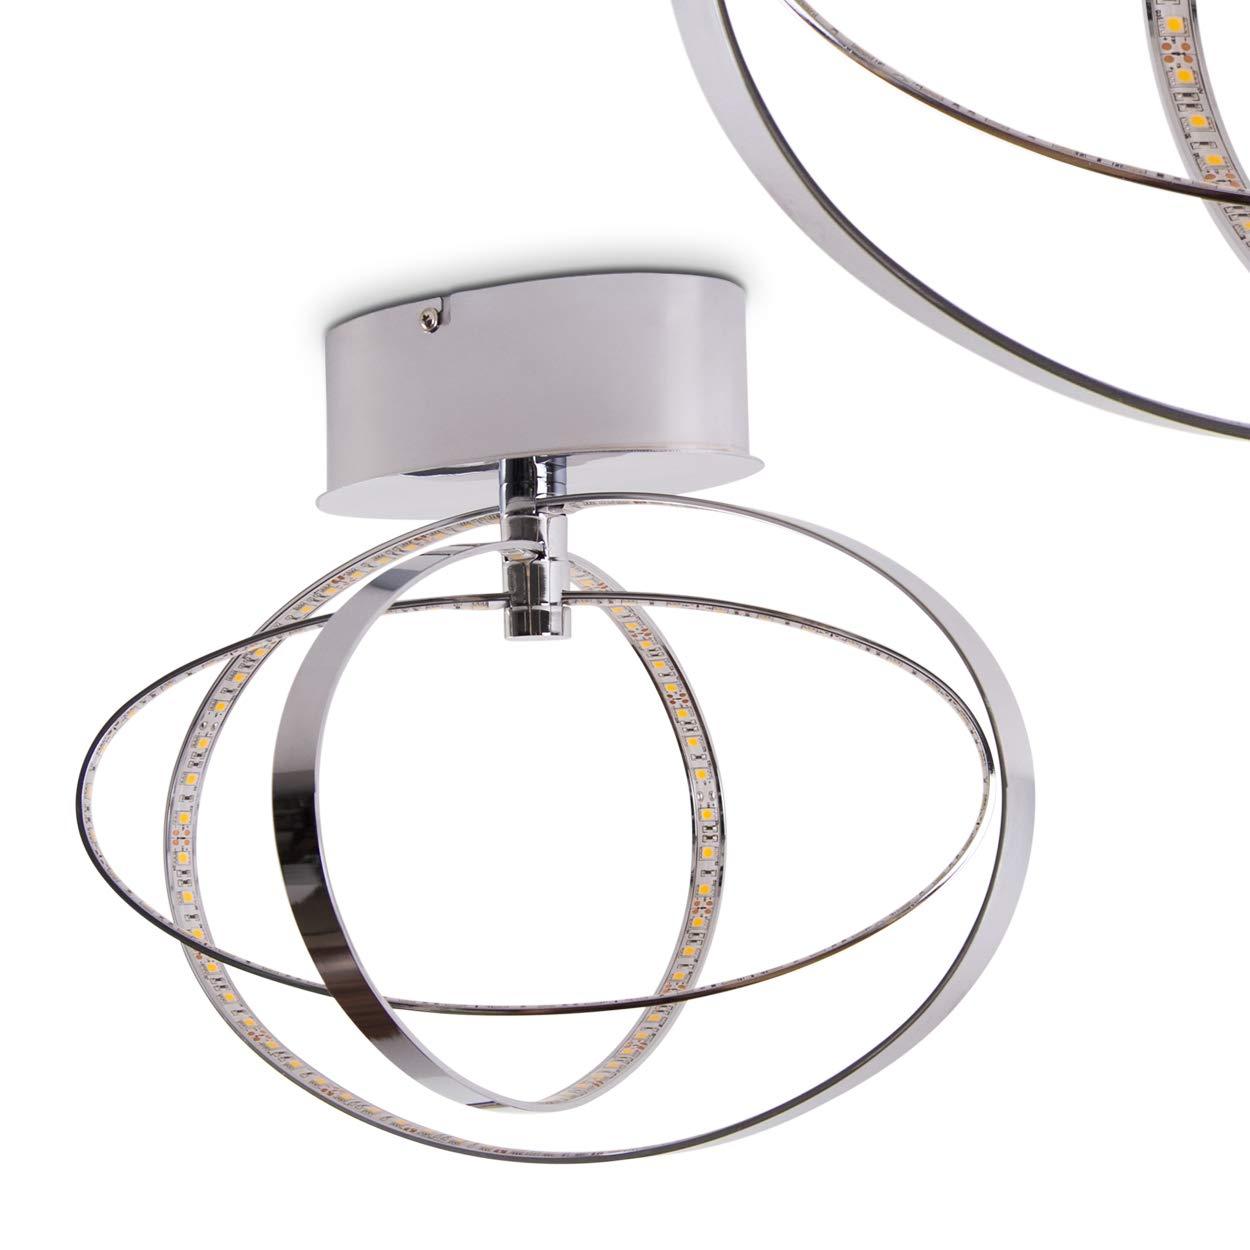 Deckenleuchte LED Ringos – extravaganter Strahler mit ringförmigen Lichtleisten – ovale Elemente drehbar - Zimmerlampe für Wohnzimmer – Schlafzimmer – Strahler aus Metall in Chrom – 3000 Kelvin